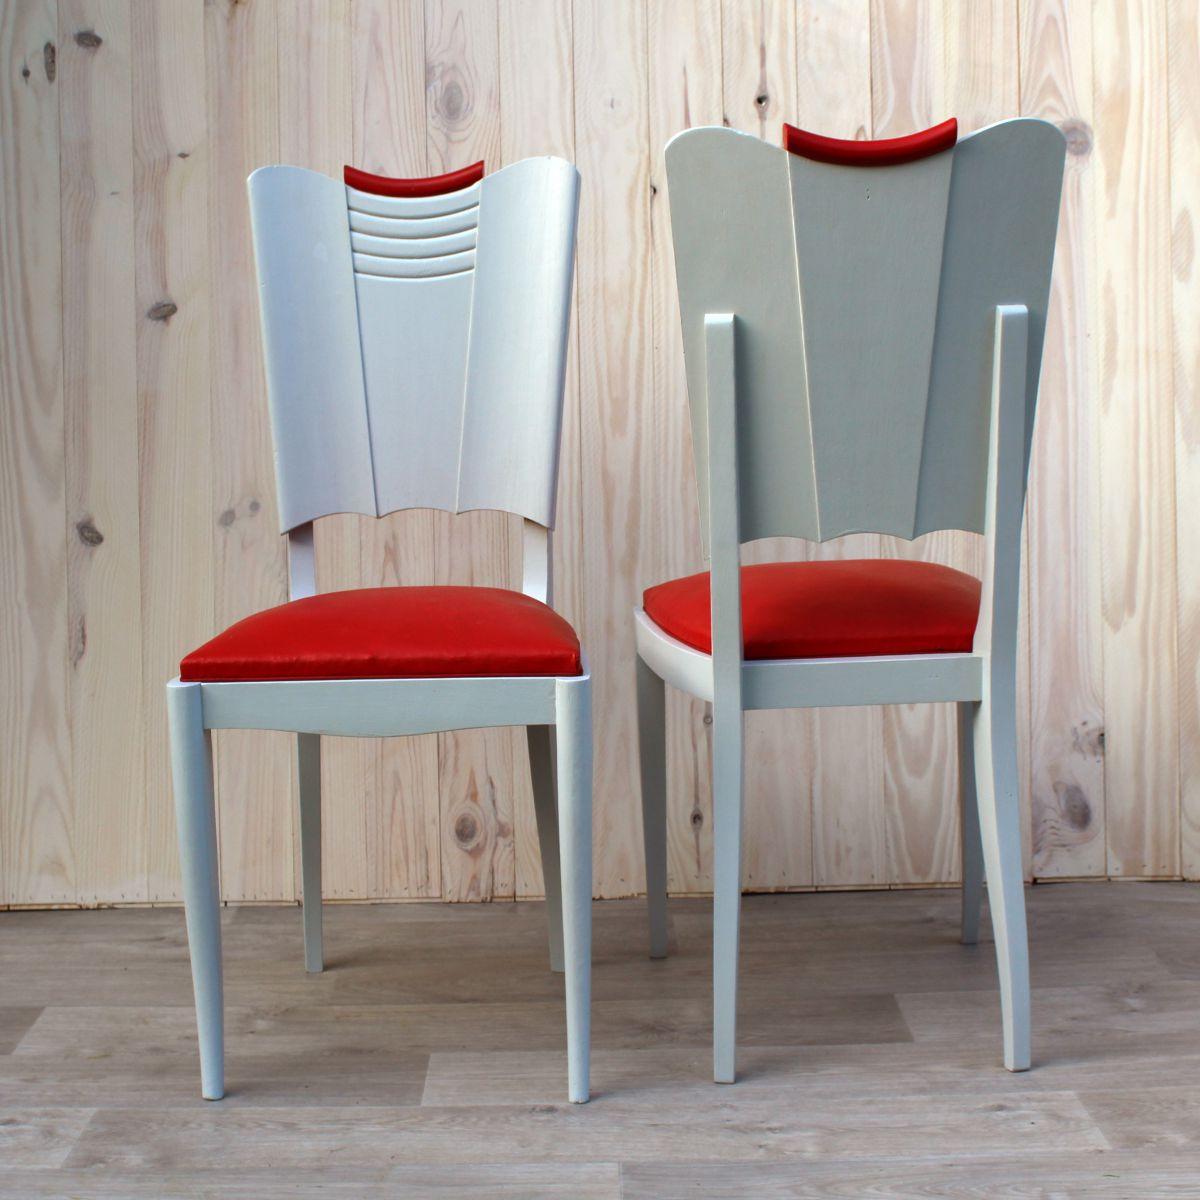 l a et lou paire de chaise vintage en ch ne massif assise ska rouge luckyfind. Black Bedroom Furniture Sets. Home Design Ideas